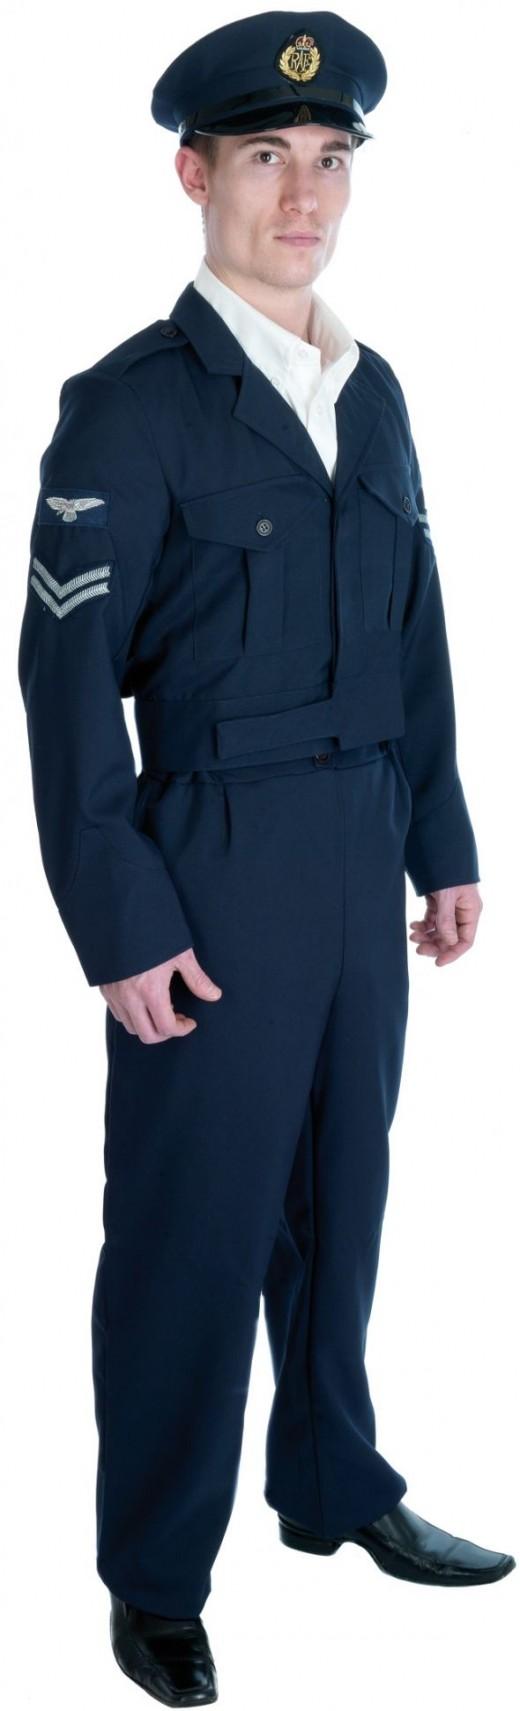 40s RAF Uniform